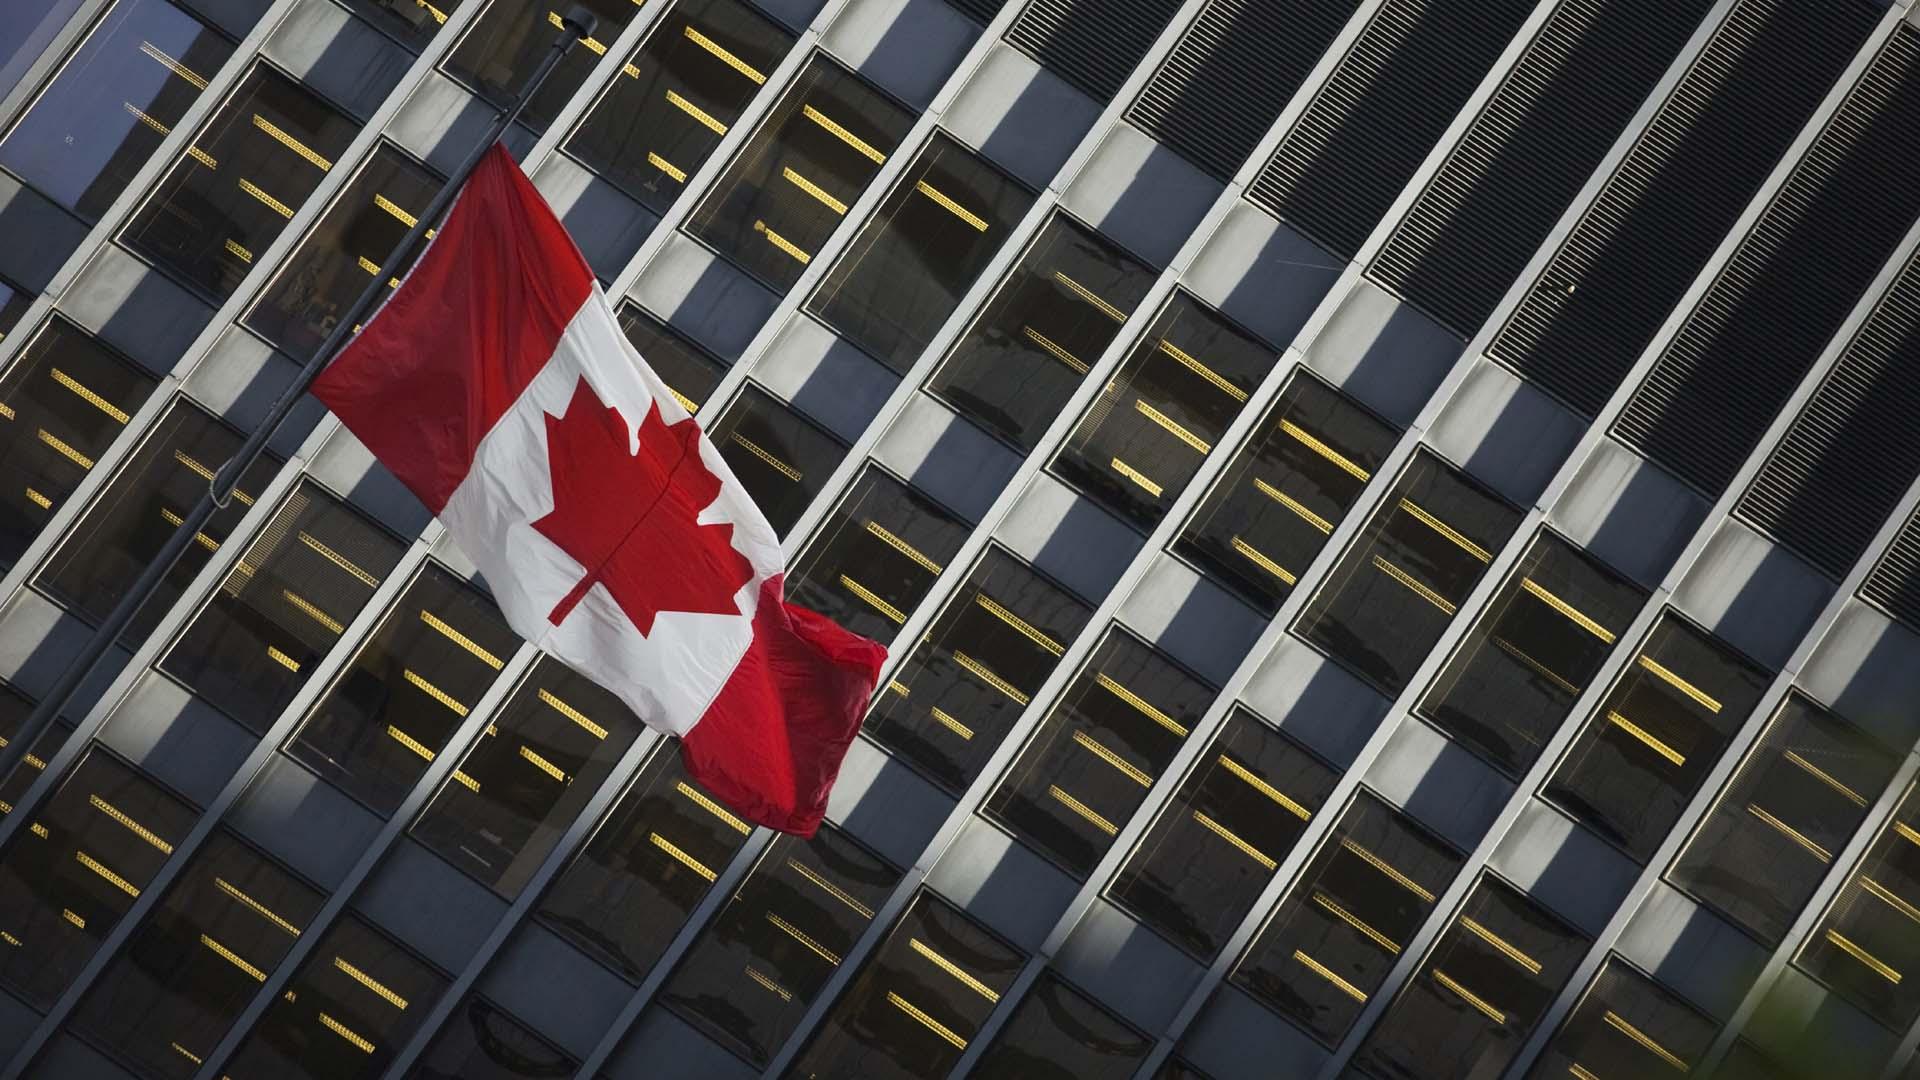 El proyecto de ley excluirá a quienes no sean canadienses